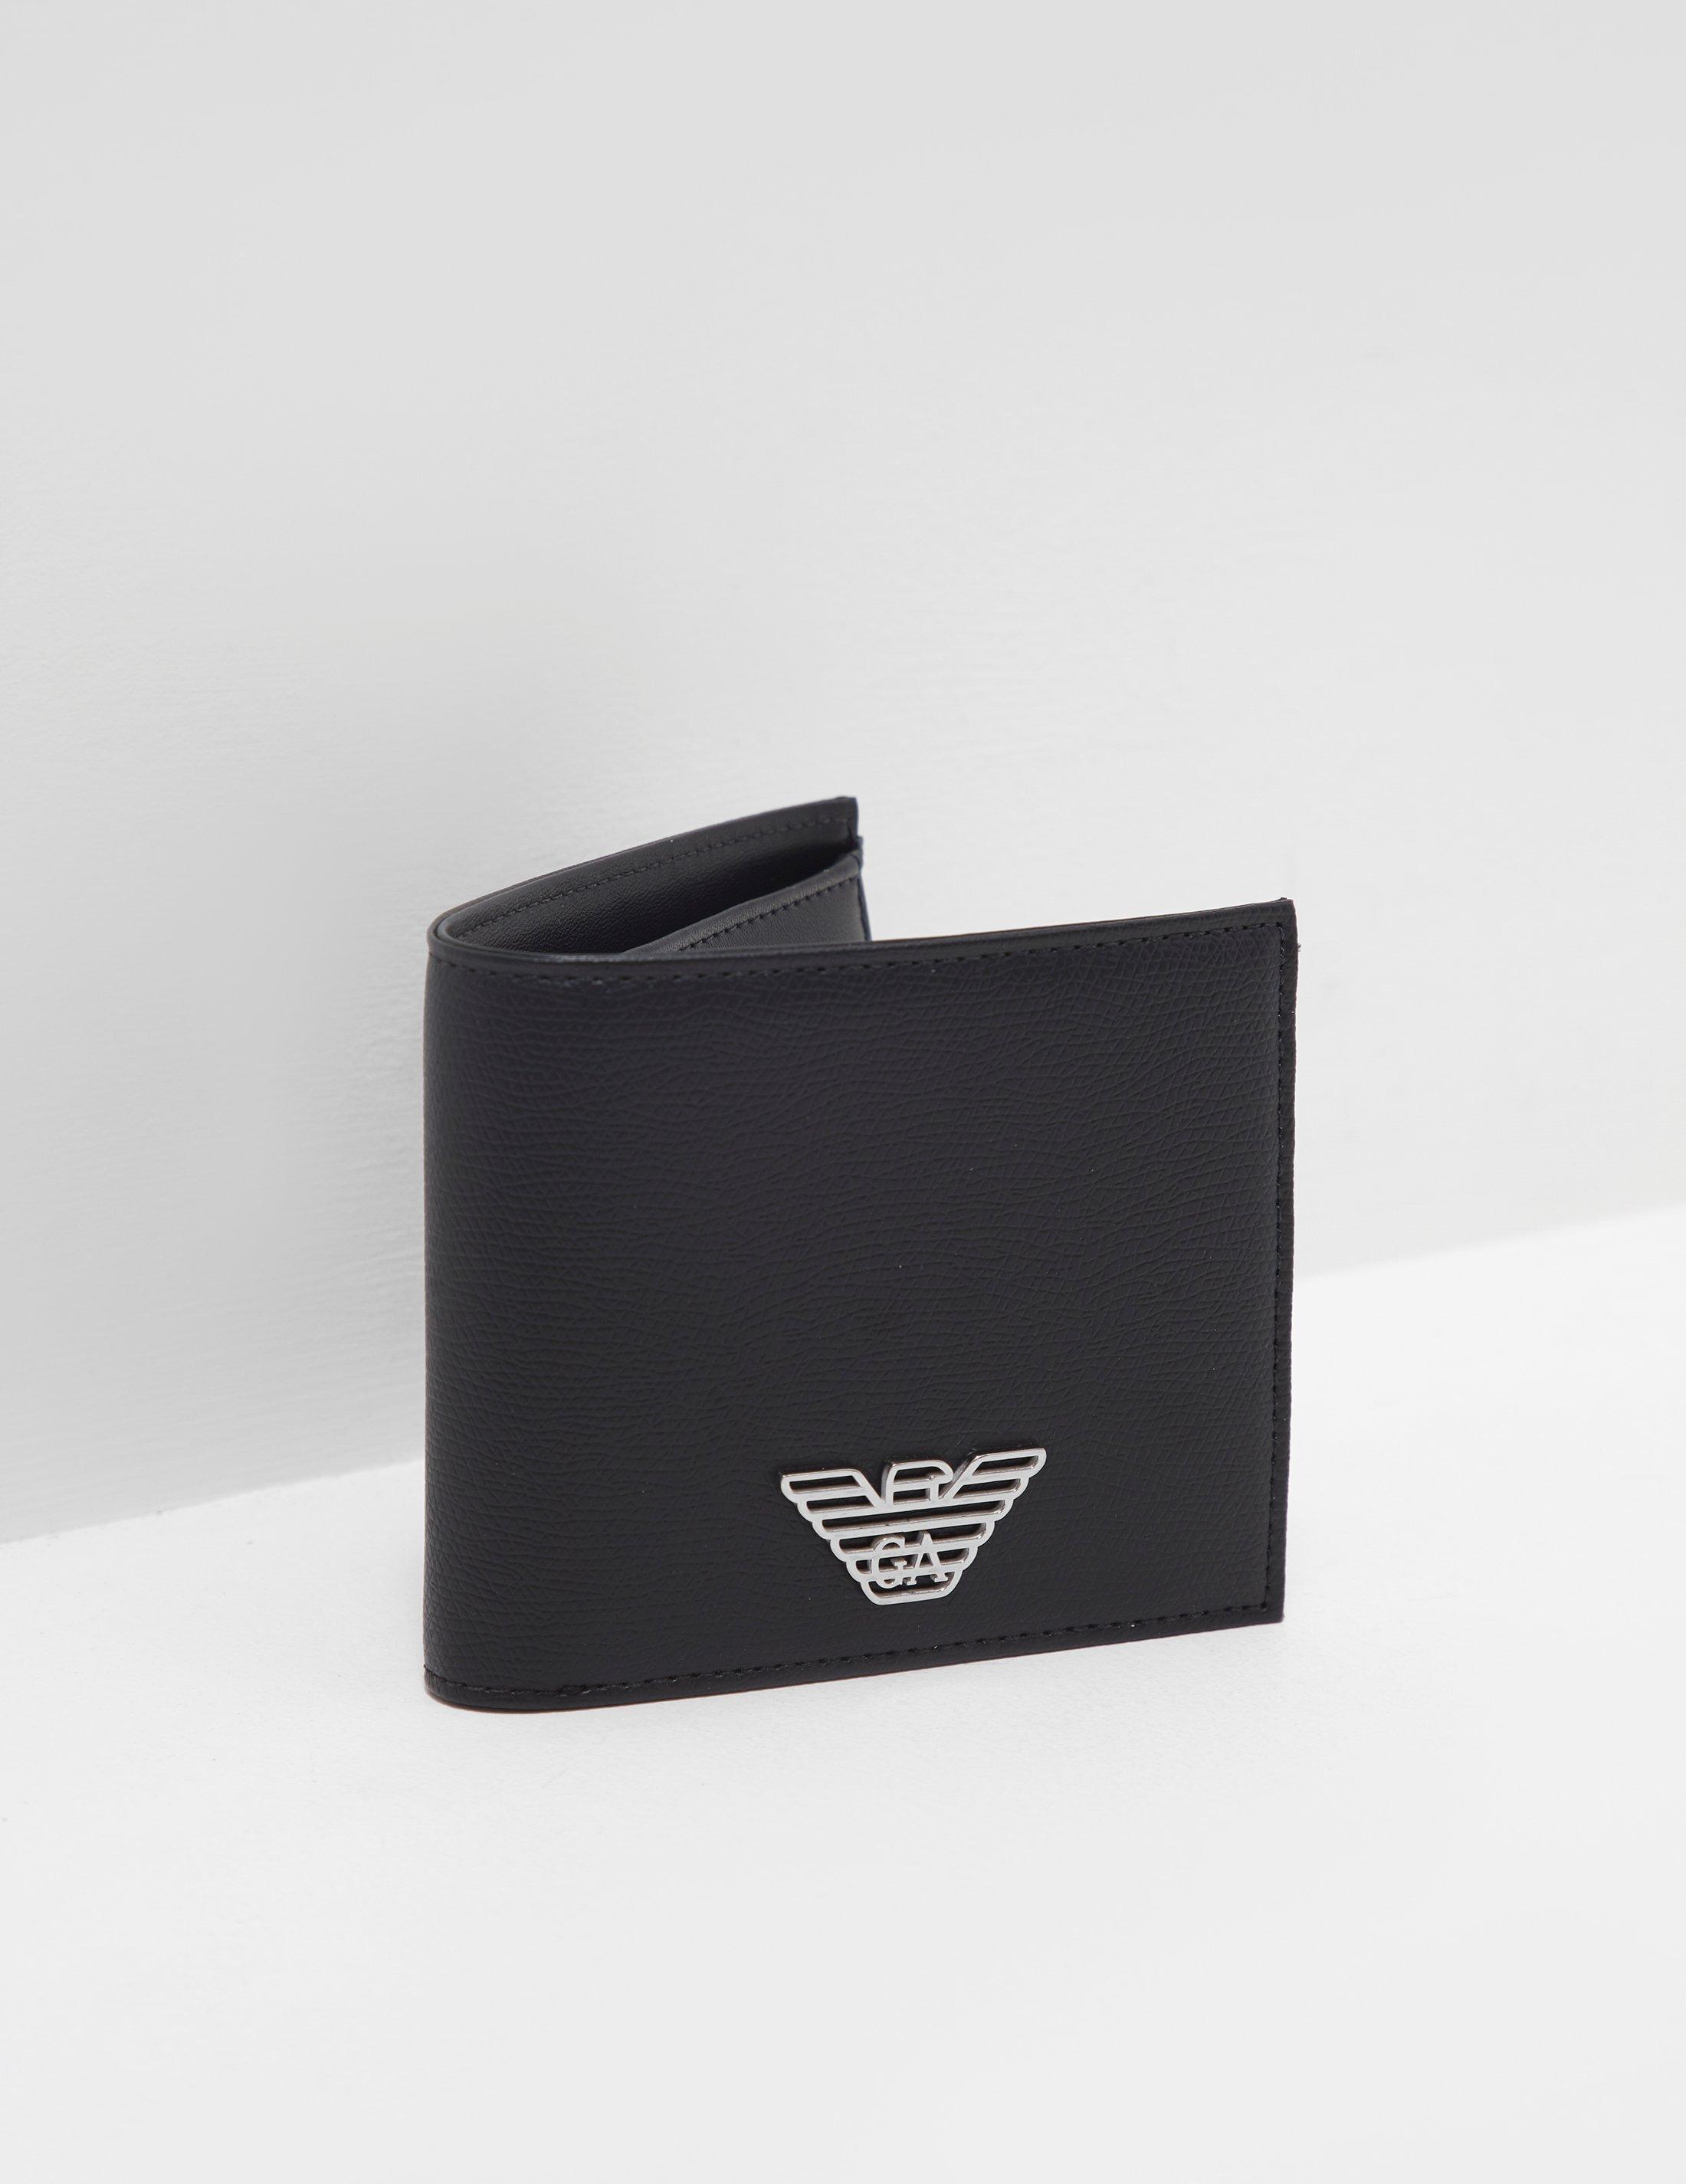 Lyst - Emporio Armani Mens Metal Logo Wallet Black in Black for Men dcfd6c833c